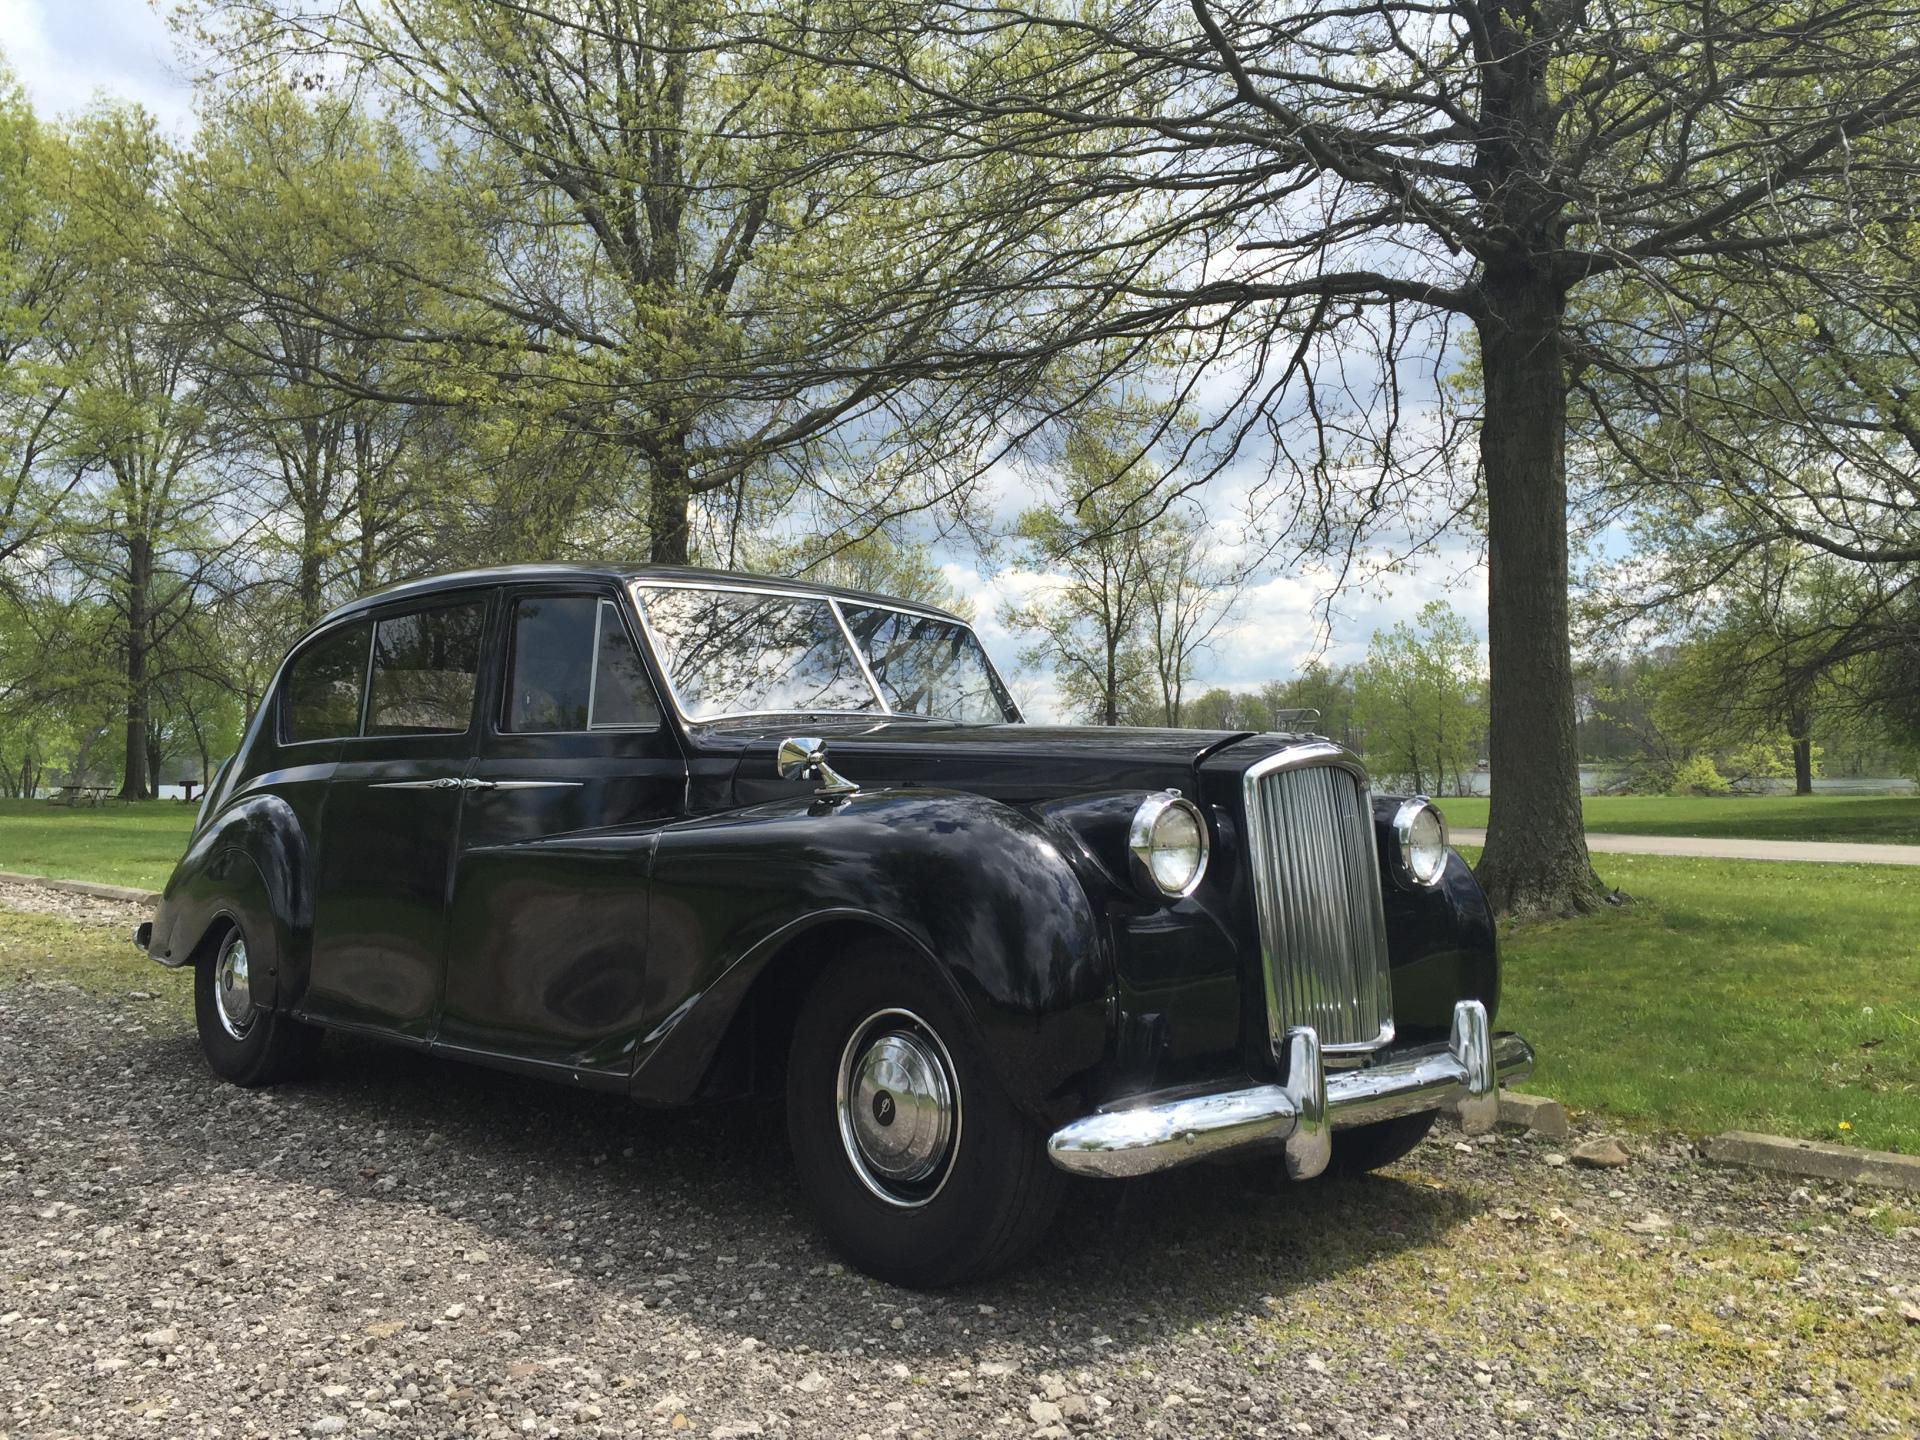 1966 Austin Princess Vanden Plas